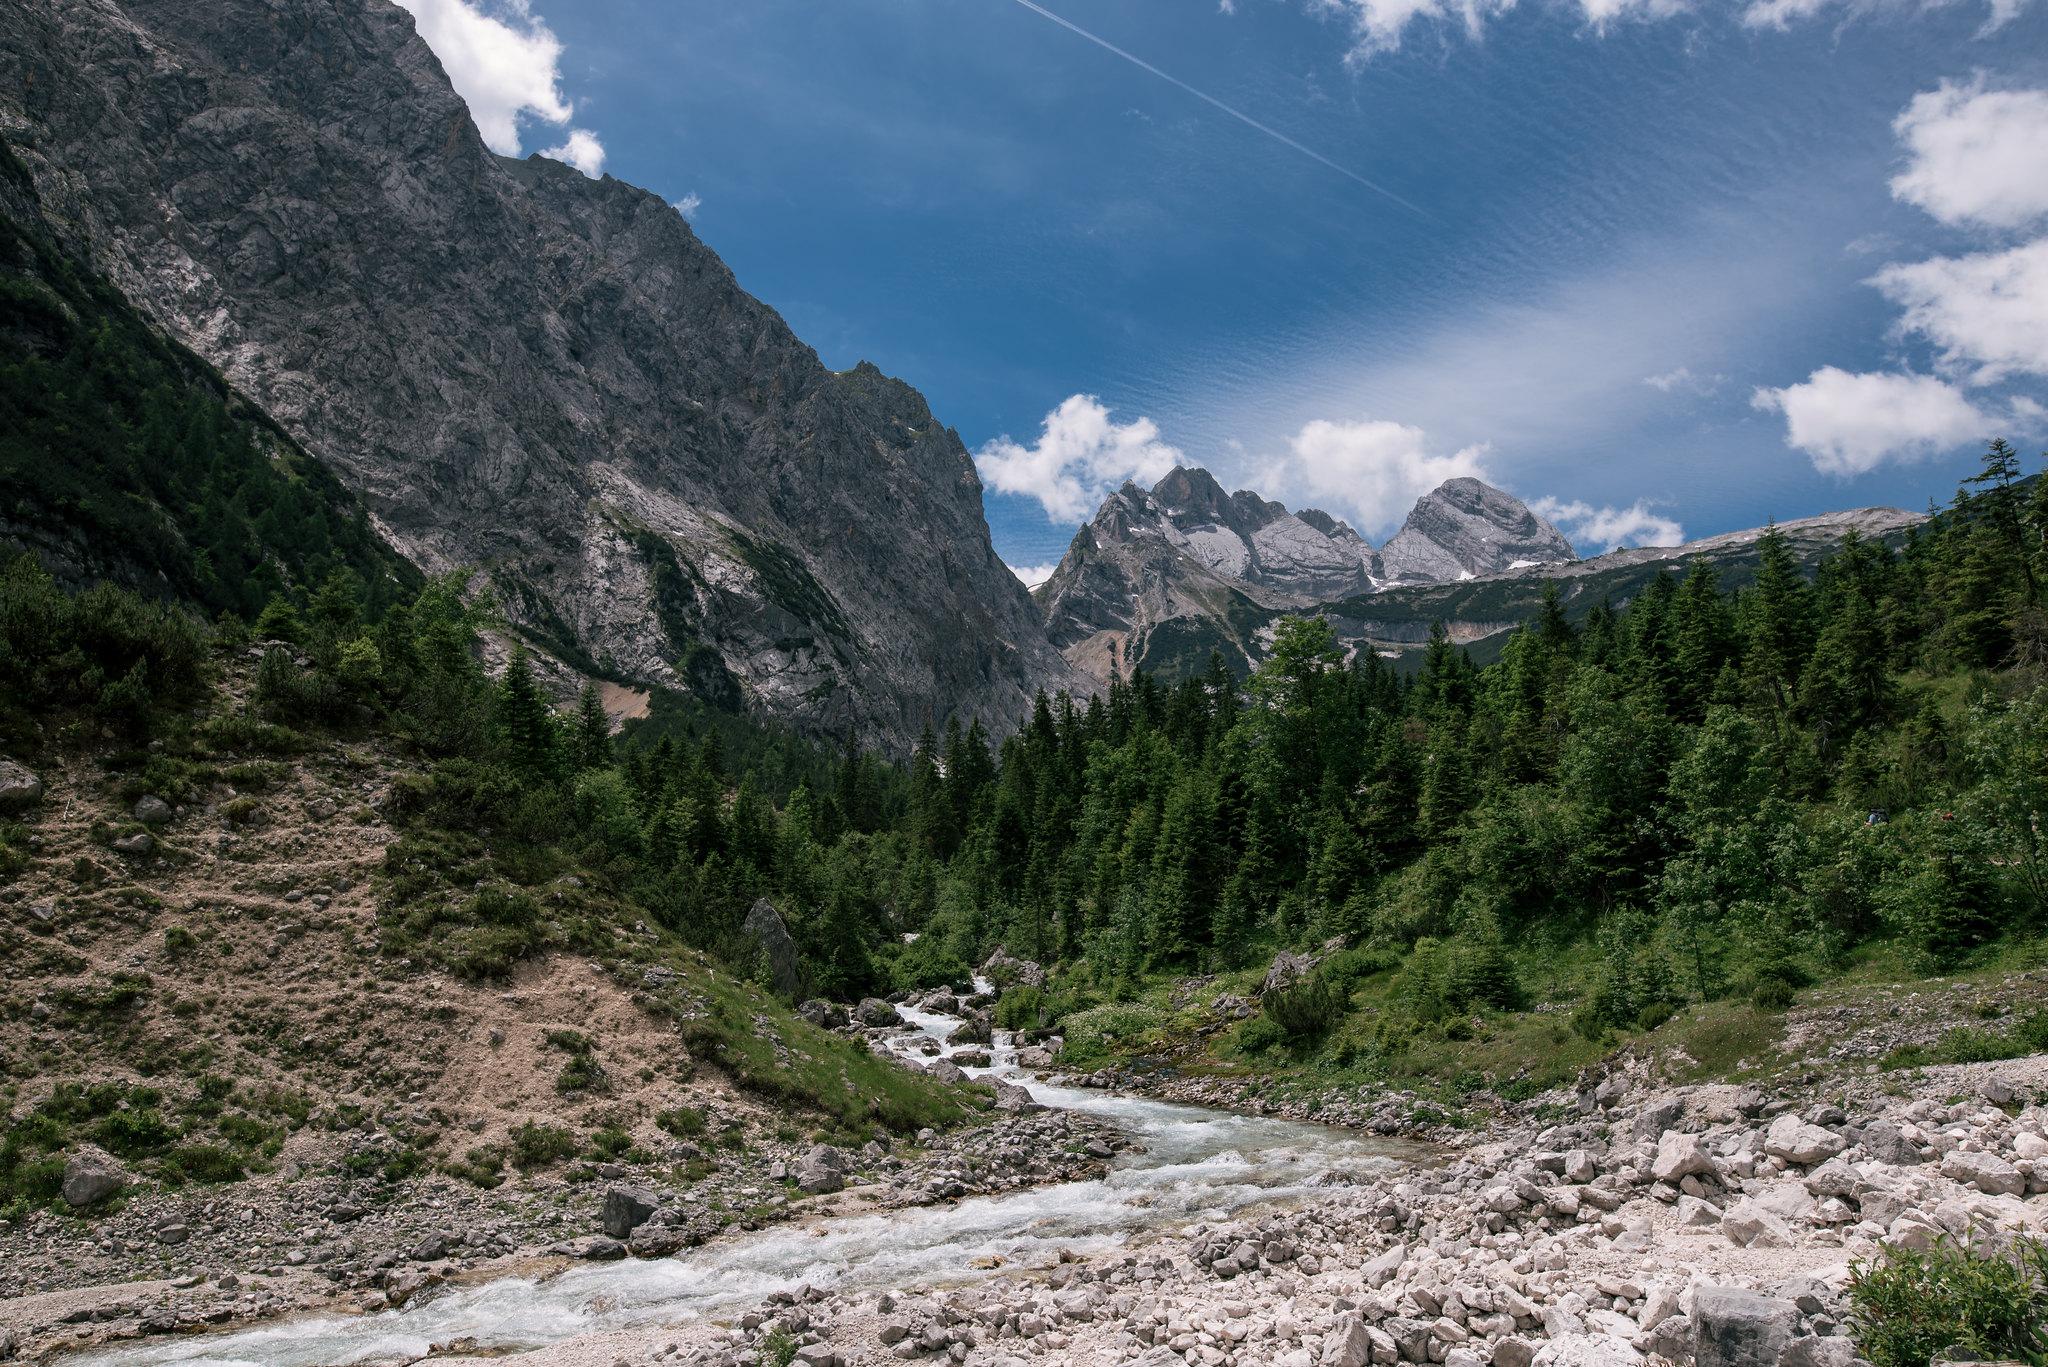 Lake through the mountains